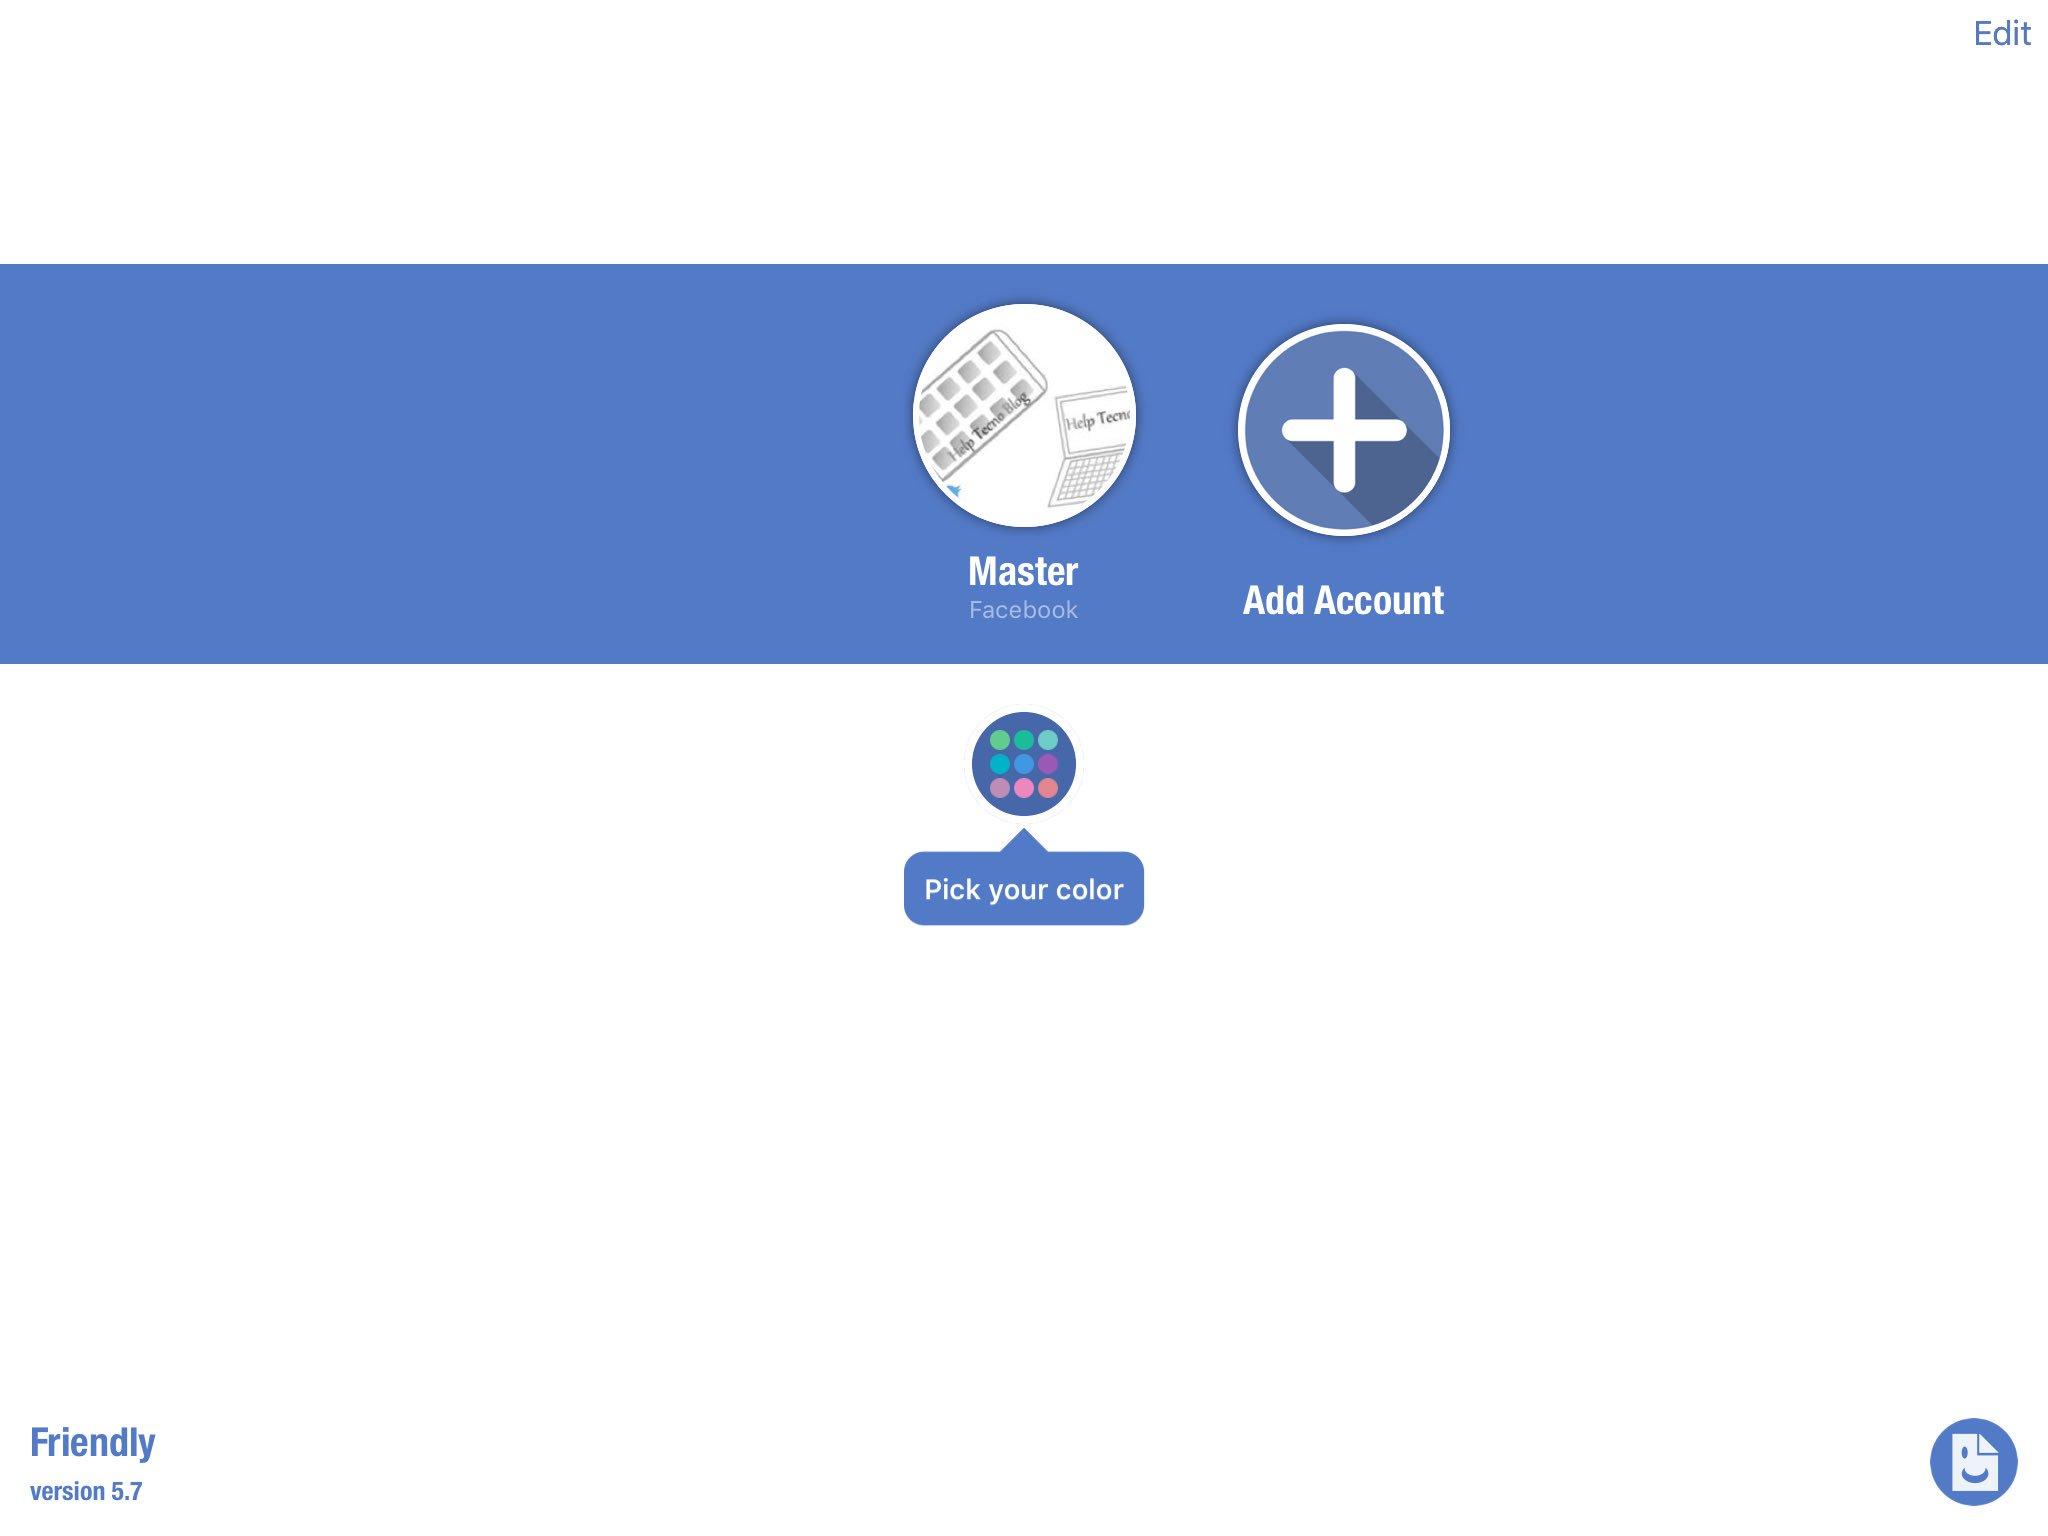 Come avere più profili facebook su iPhone